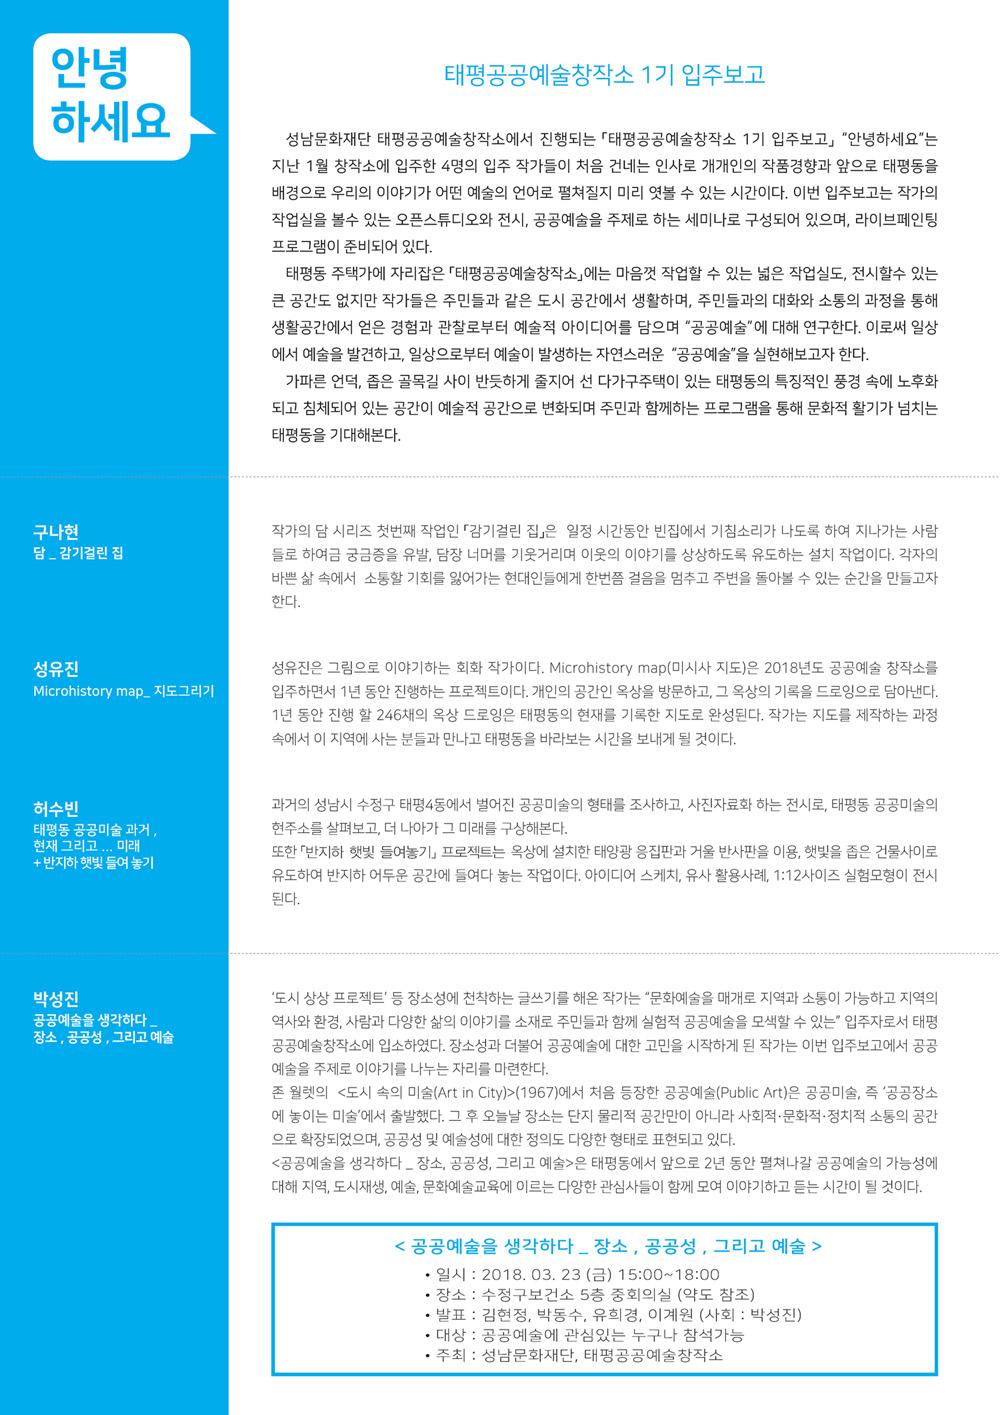 20180309_입주보고전 태평리플렛-최종_페이지_1.jpg